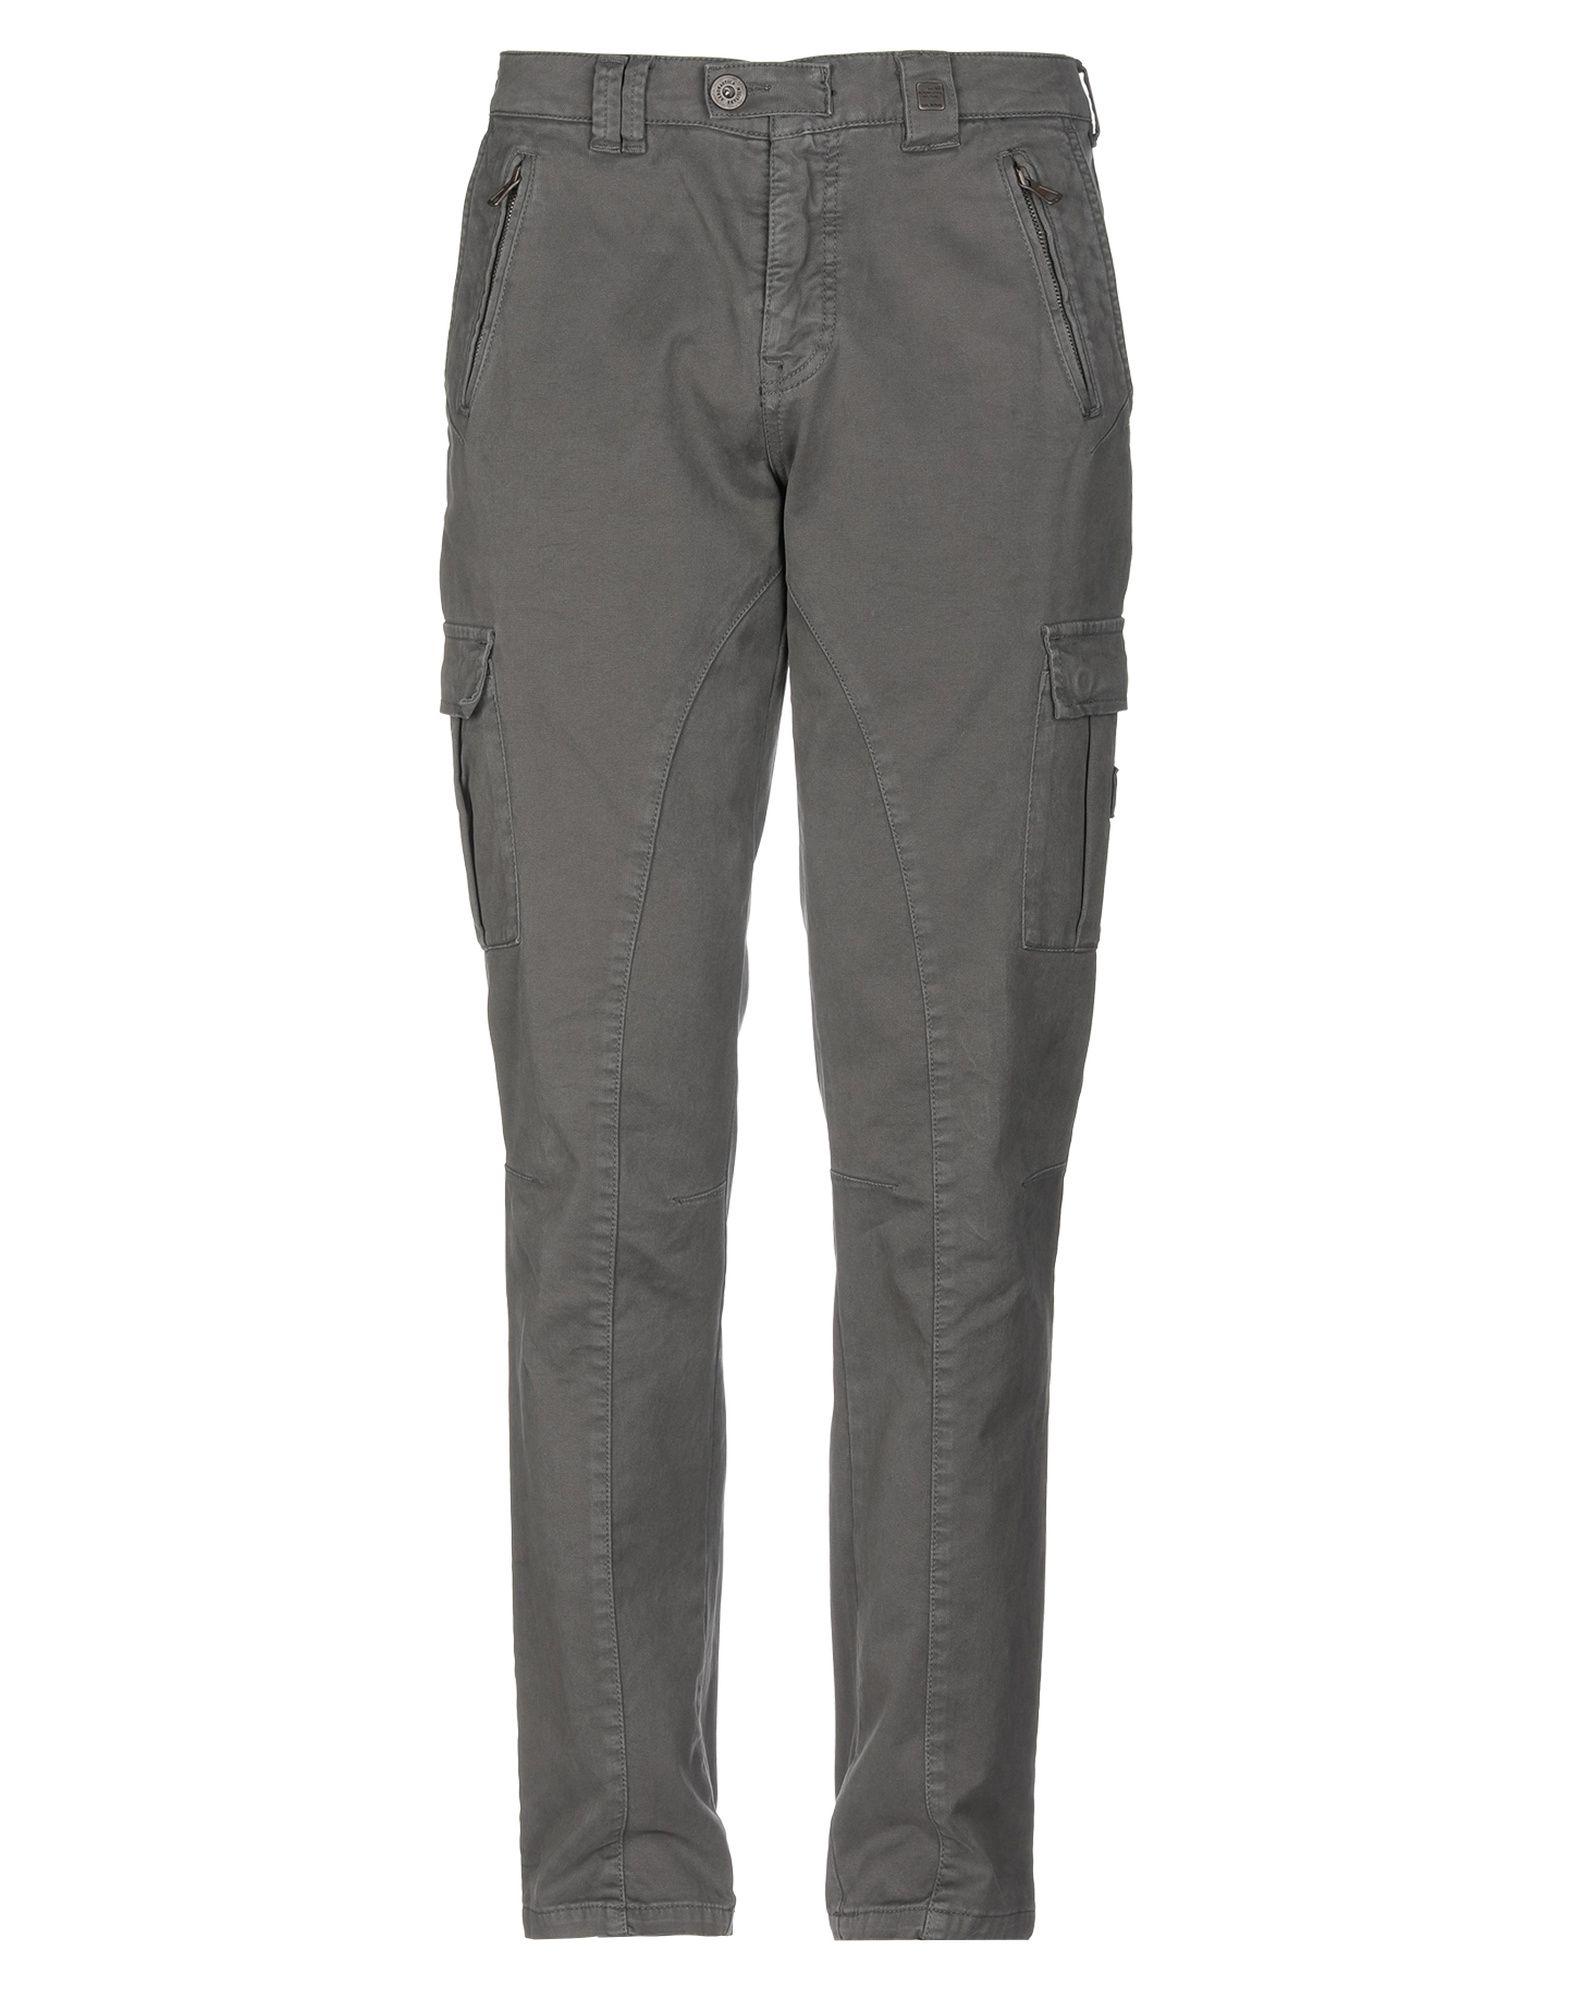 AERONAUTICA MILITARE Повседневные брюки кроссовки mjus 878104 302 0001 salvia fossile militare